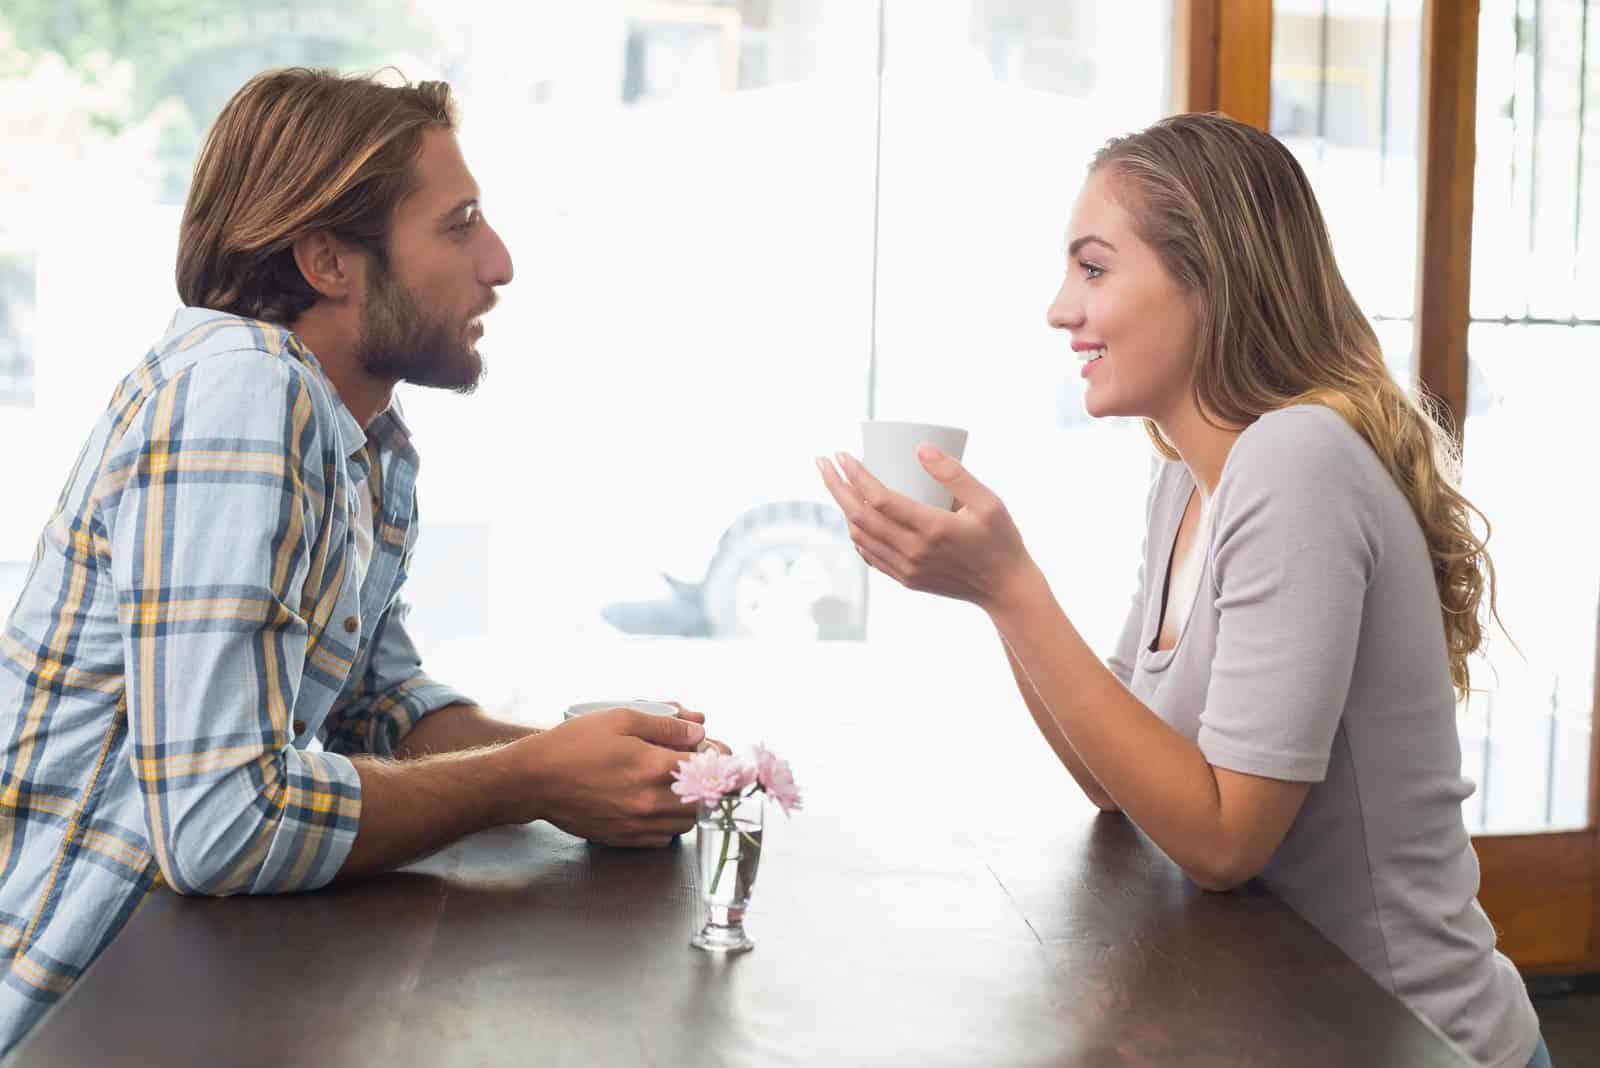 un homme et une femme discutant autour d'un café